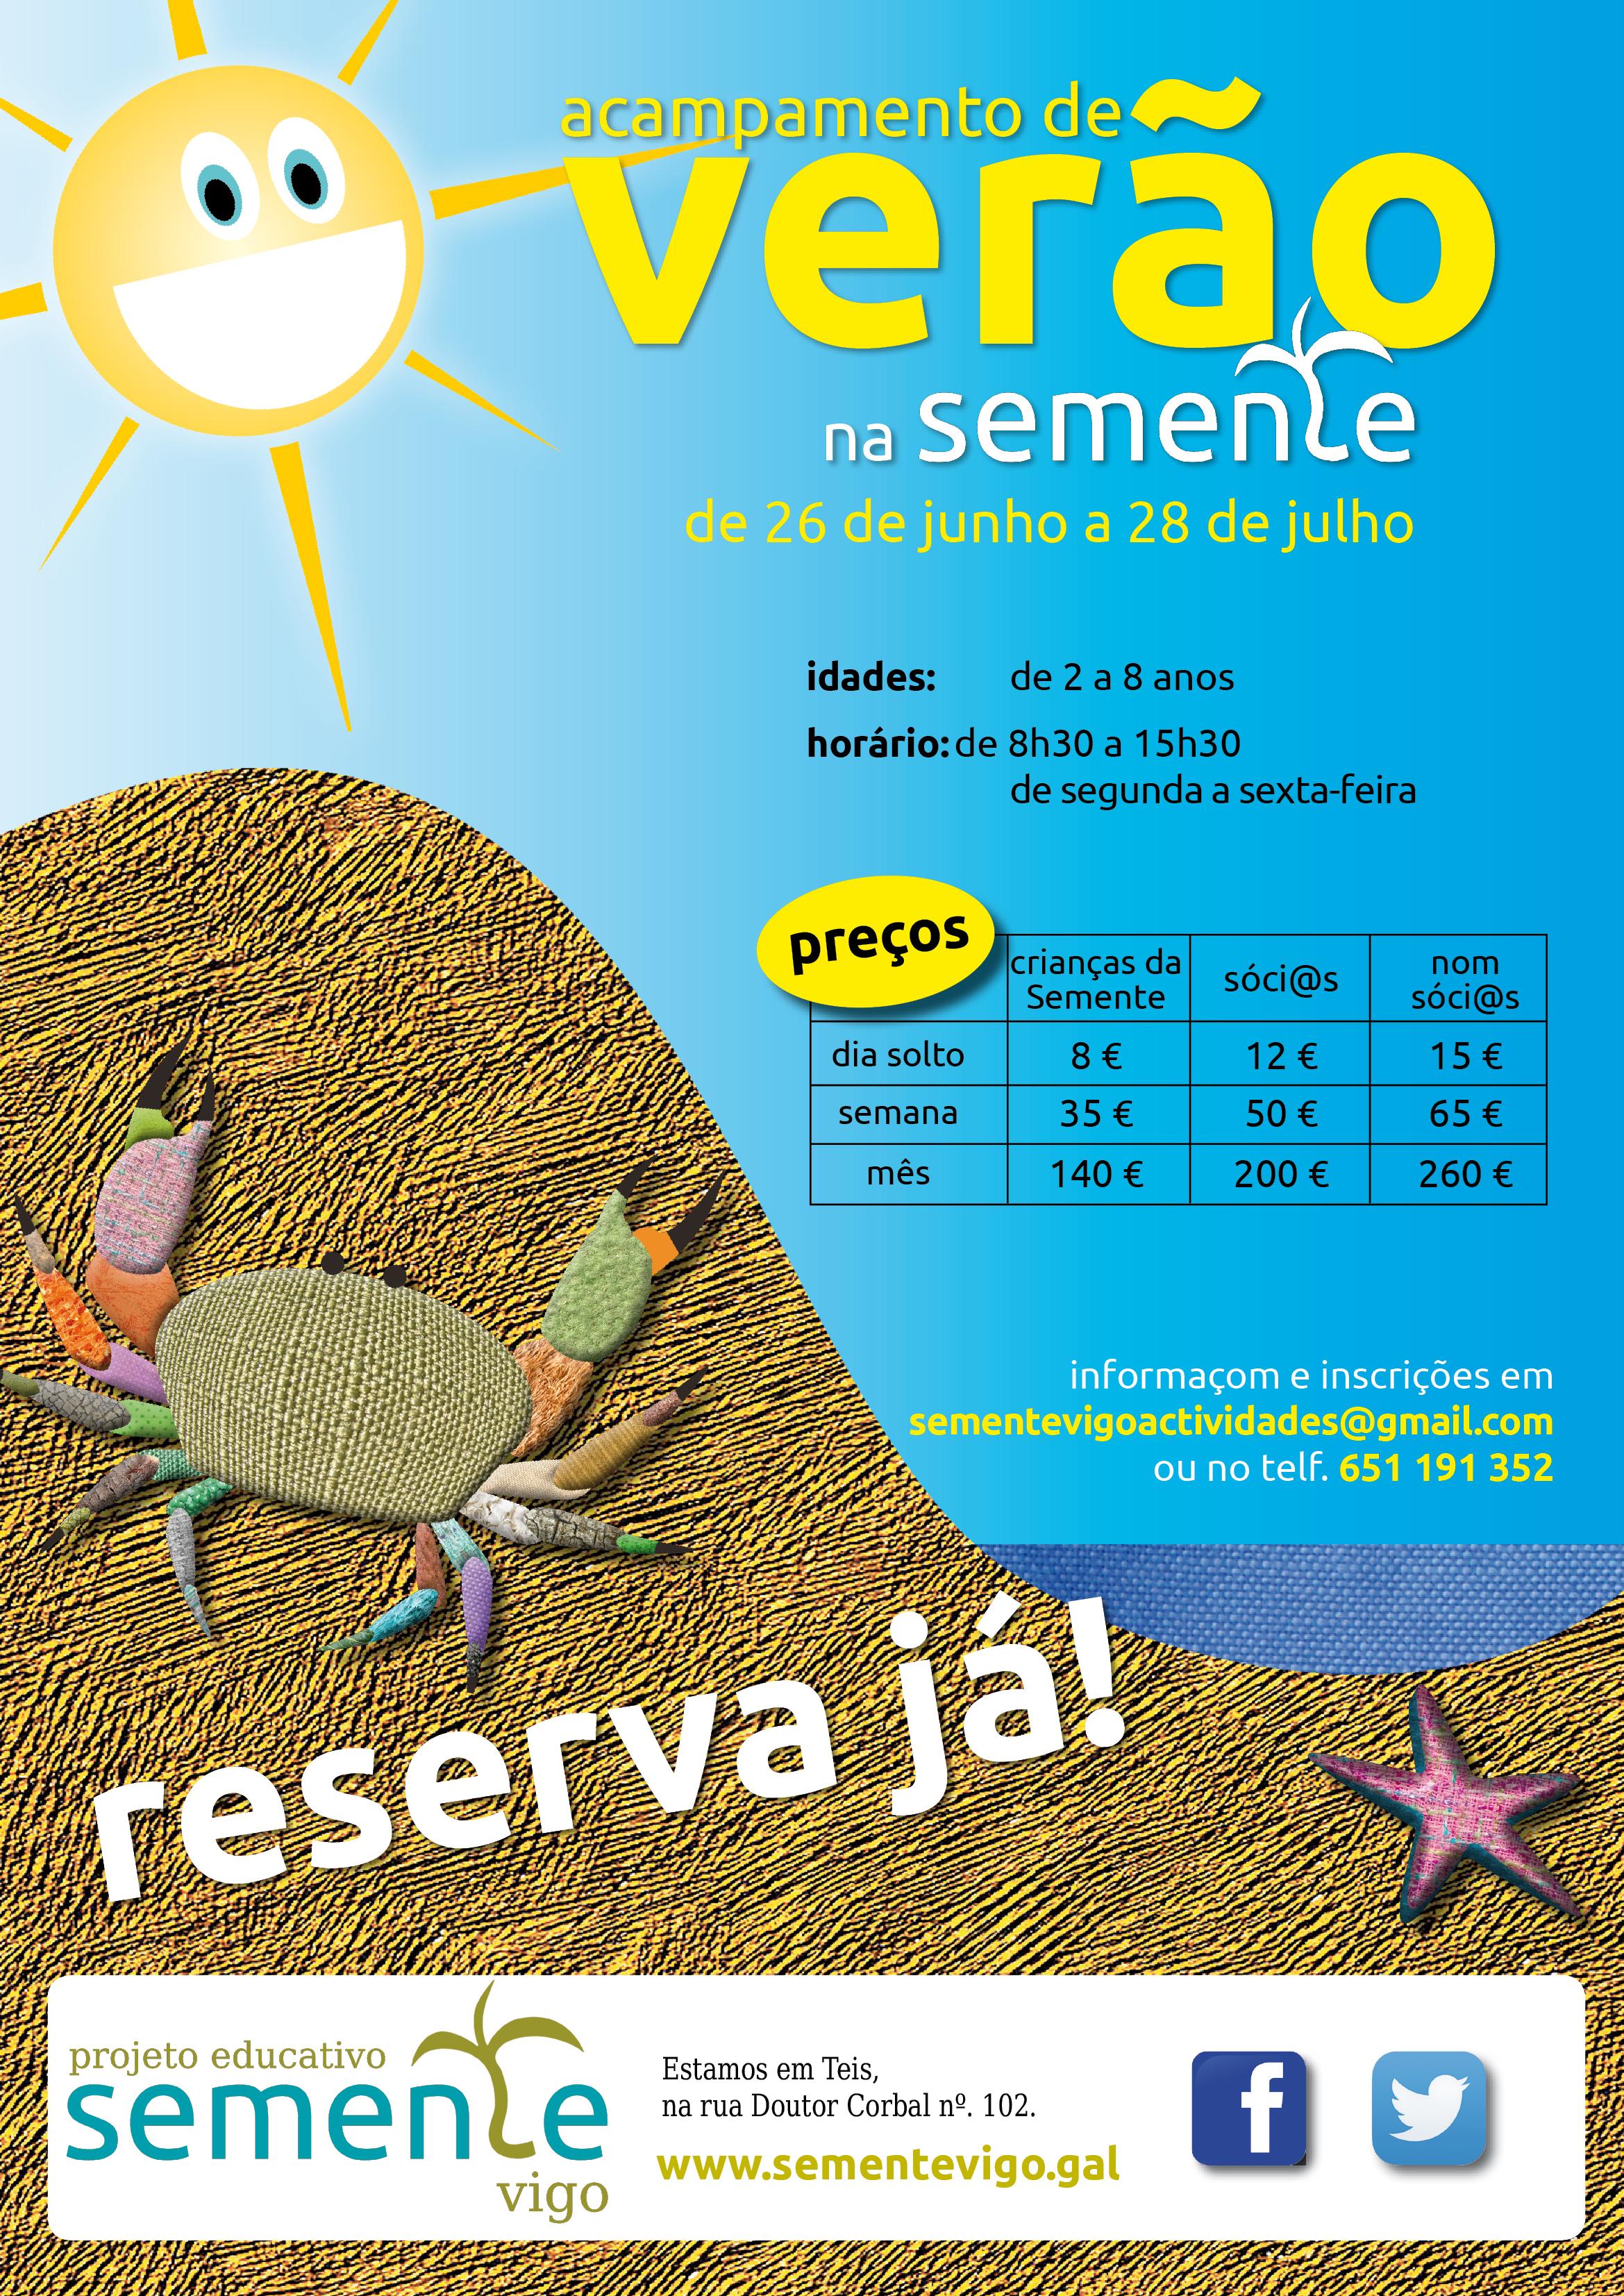 semente-acampamento-verao-2017_2